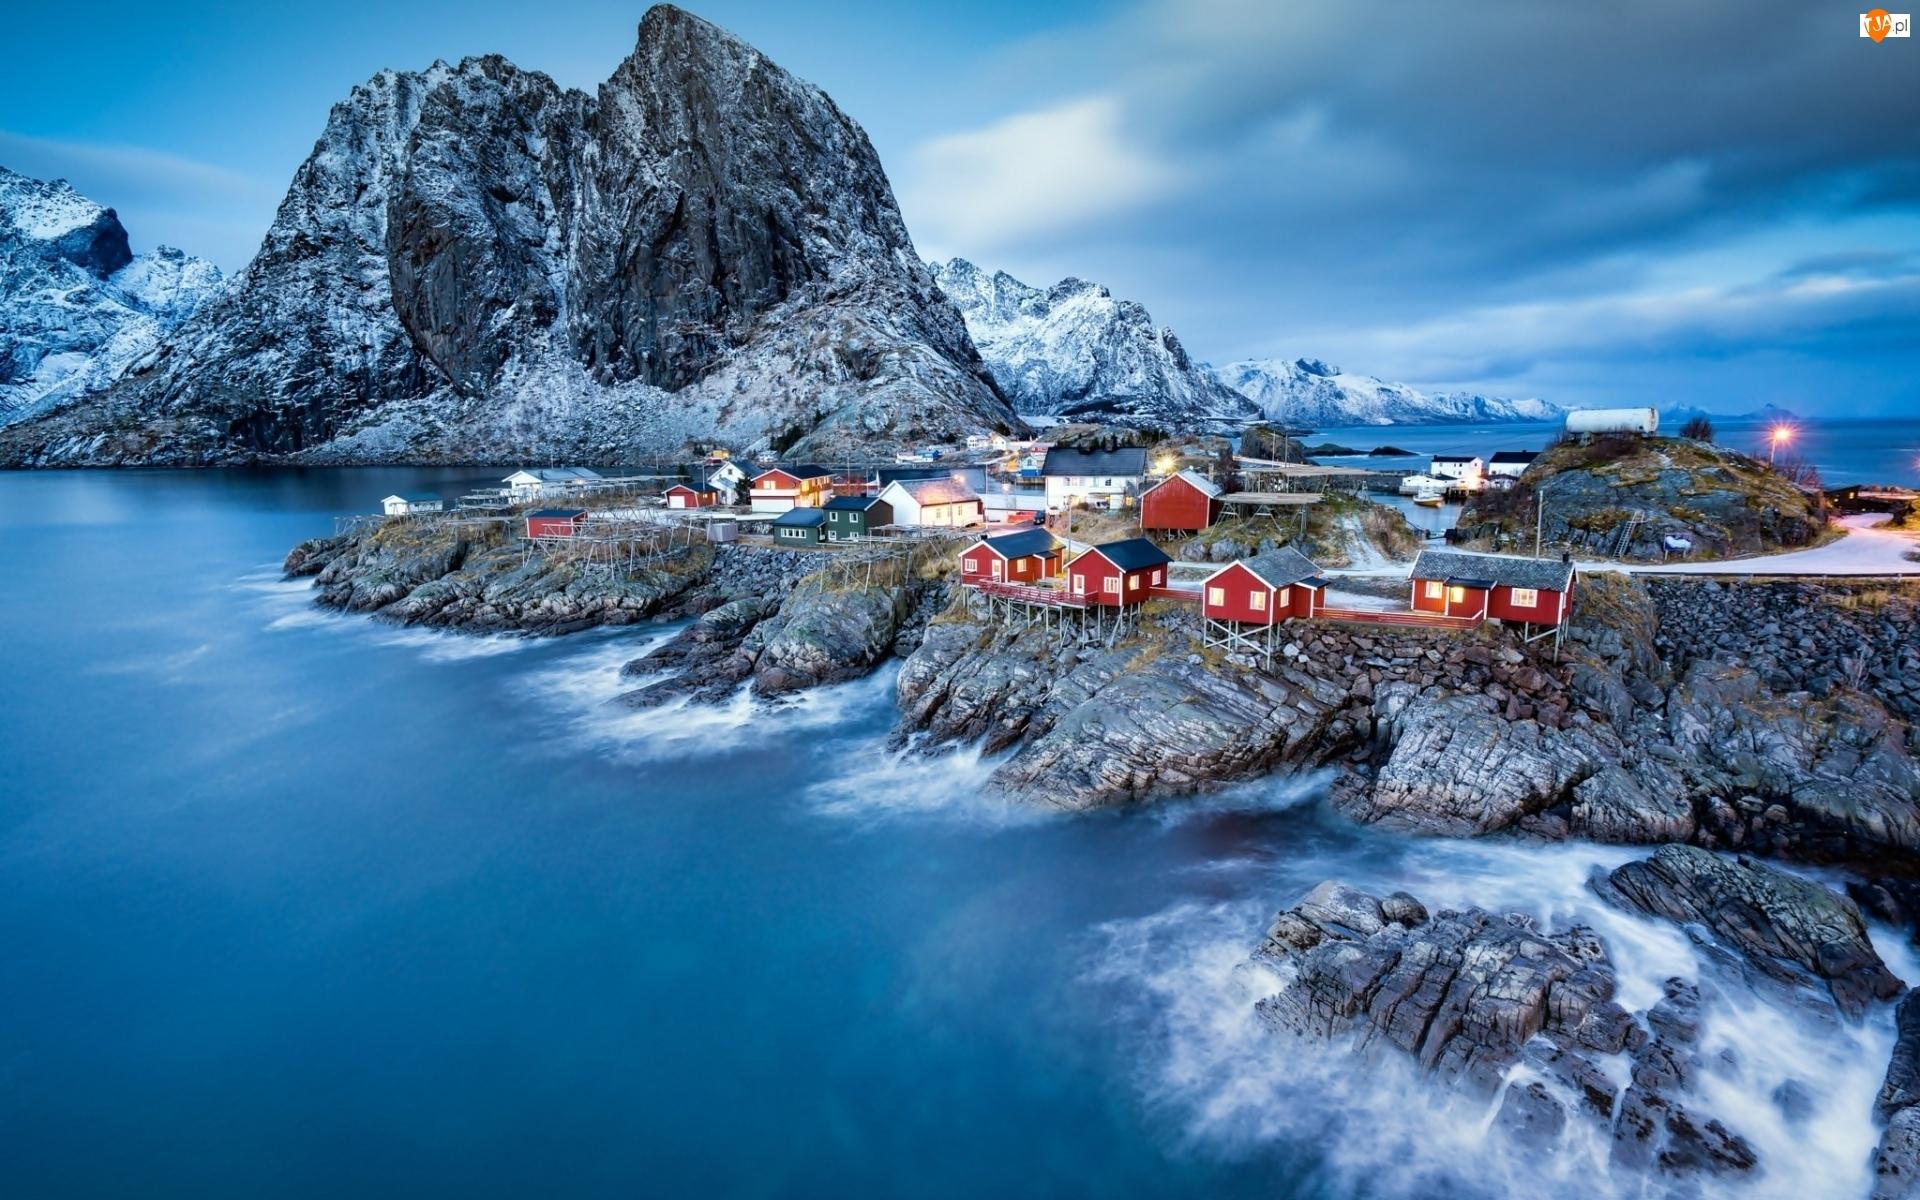 Góry, Wioska rybacka, Lofoty, Norwegia, Morze, Domki